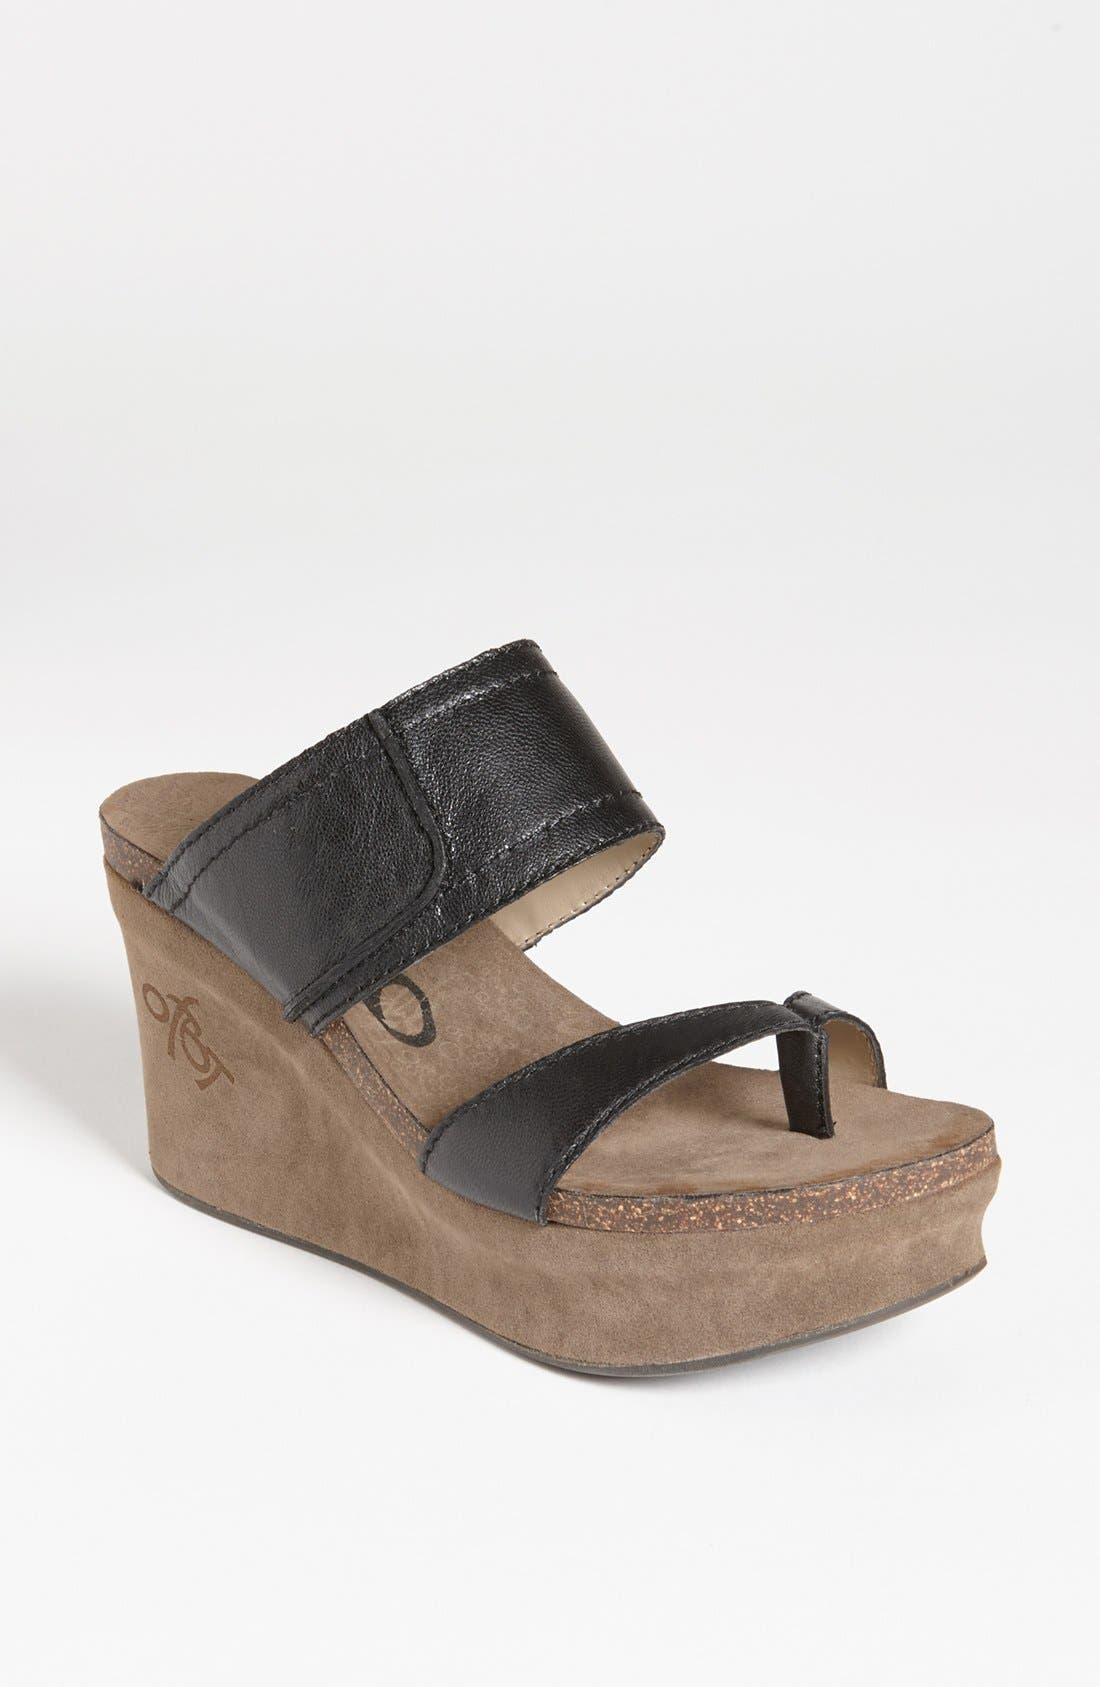 Main Image - OTBT 'Brookfield' Slide Sandal